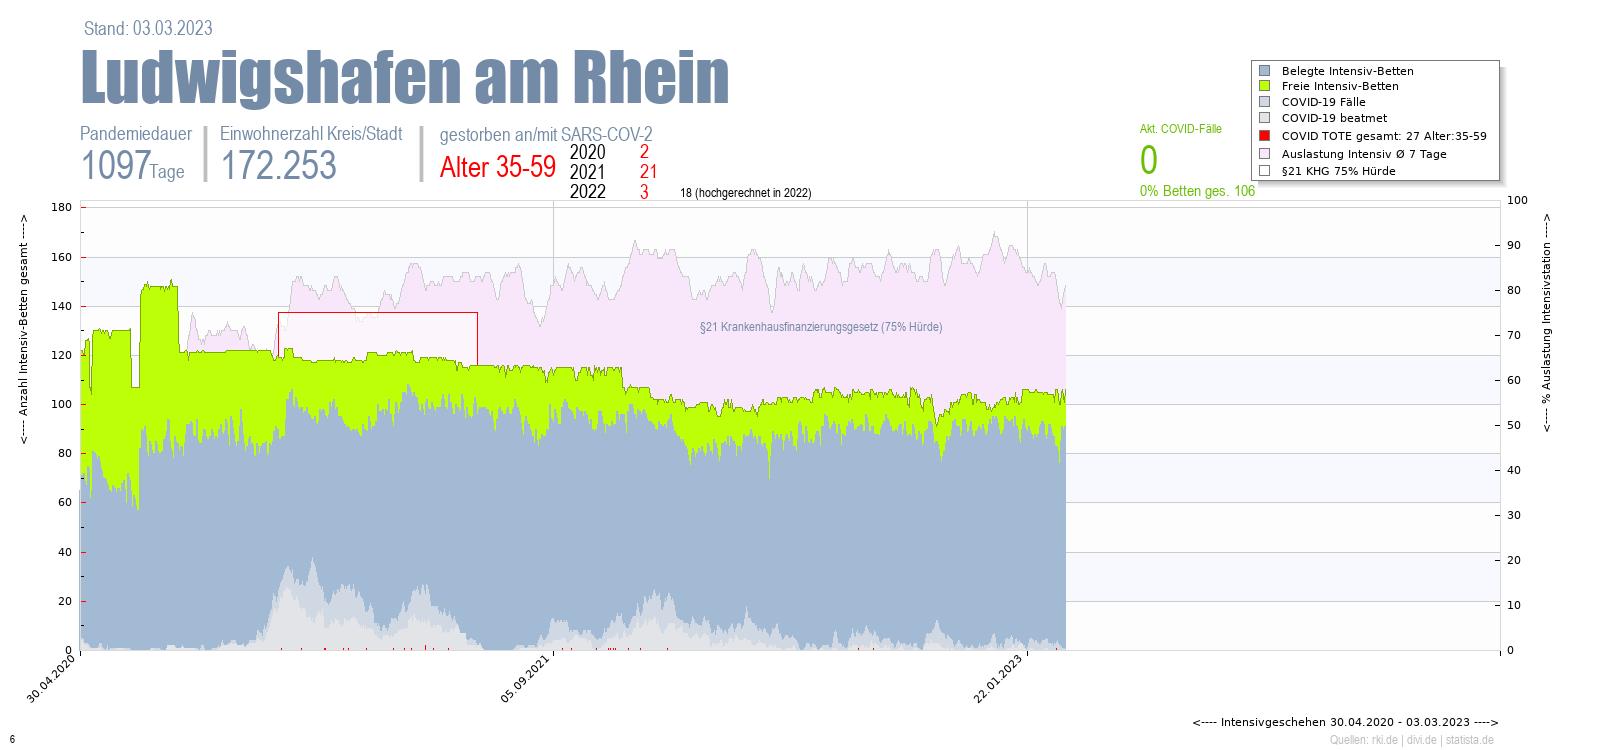 Intensivstation Auslastung Ludwigshafen am Rhein Alter 0-4